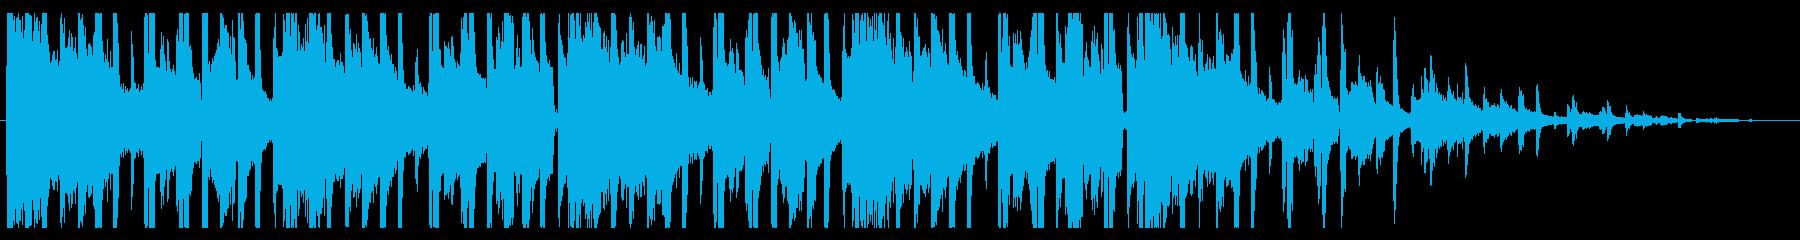 ムーディー/R&B_No395_5の再生済みの波形